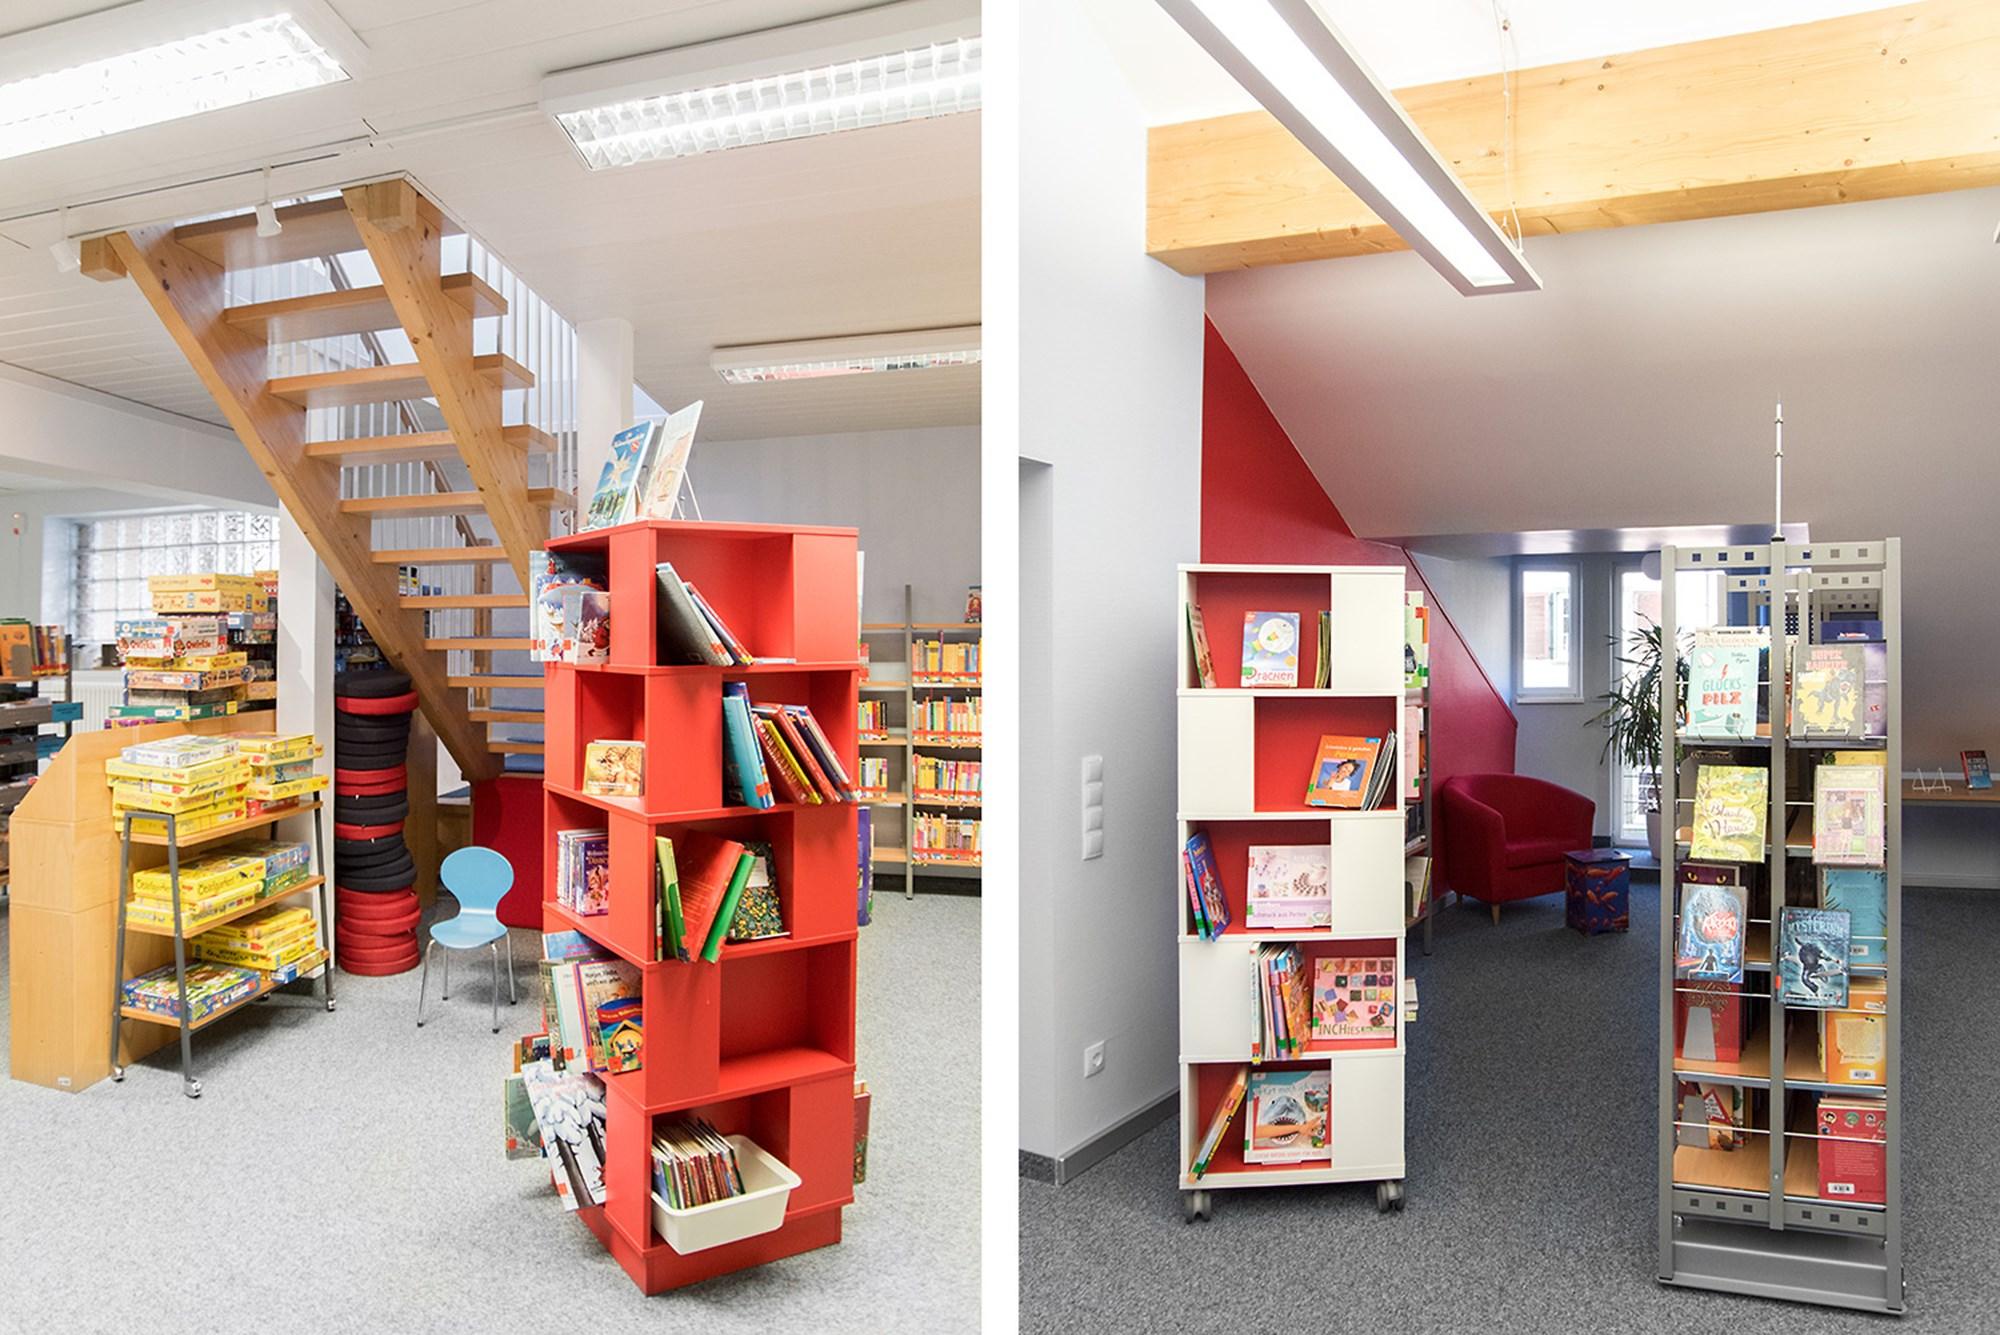 Mediathek Elementary